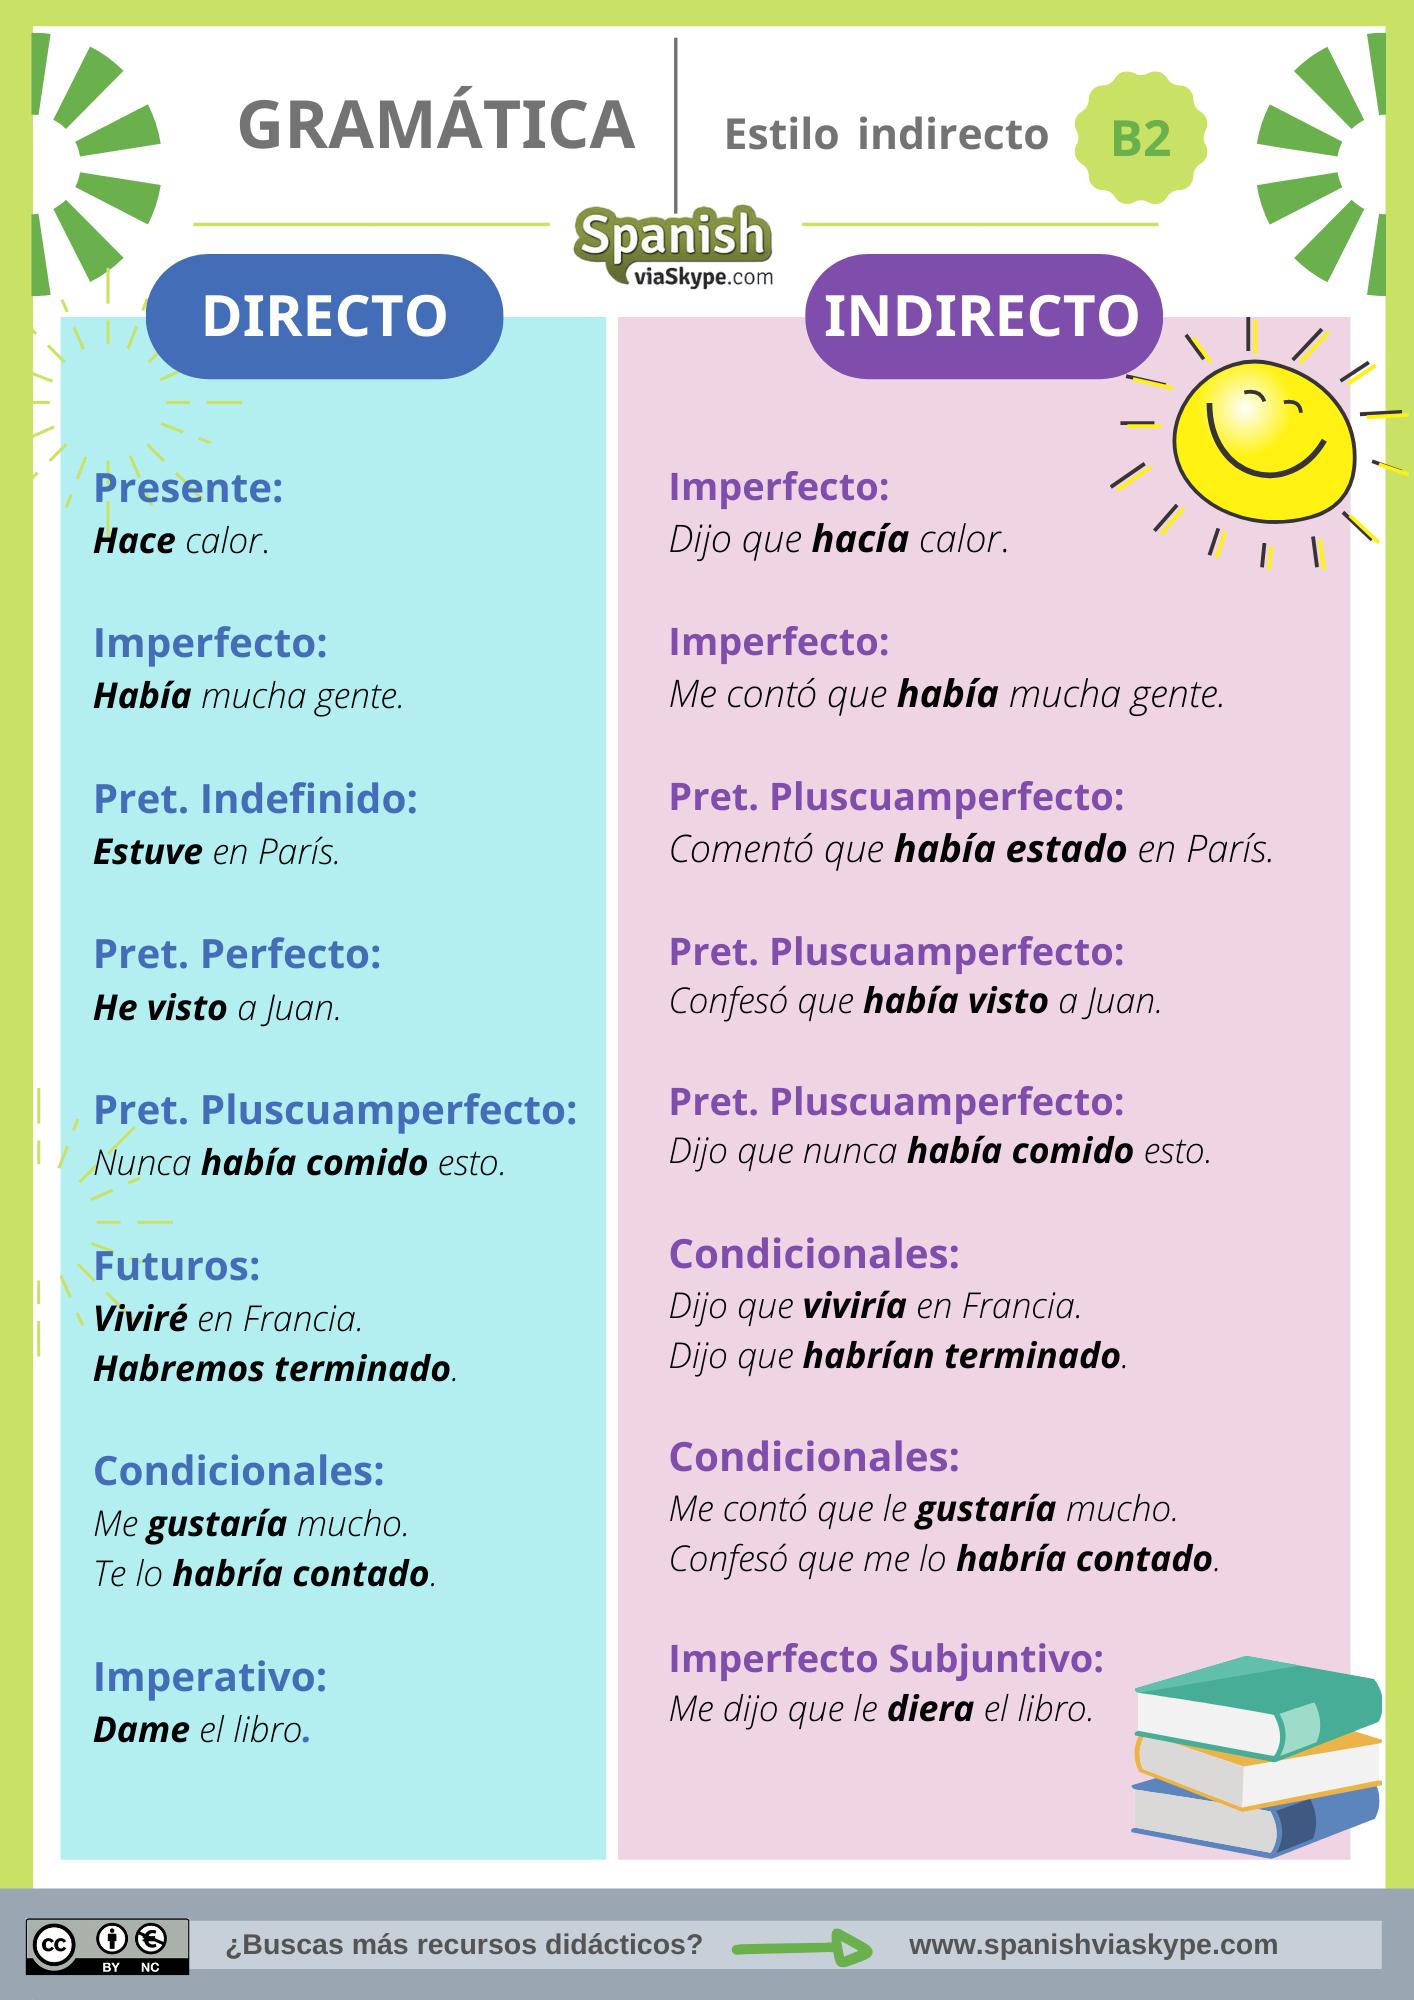 Infografía sobre el estilo indirecto en español